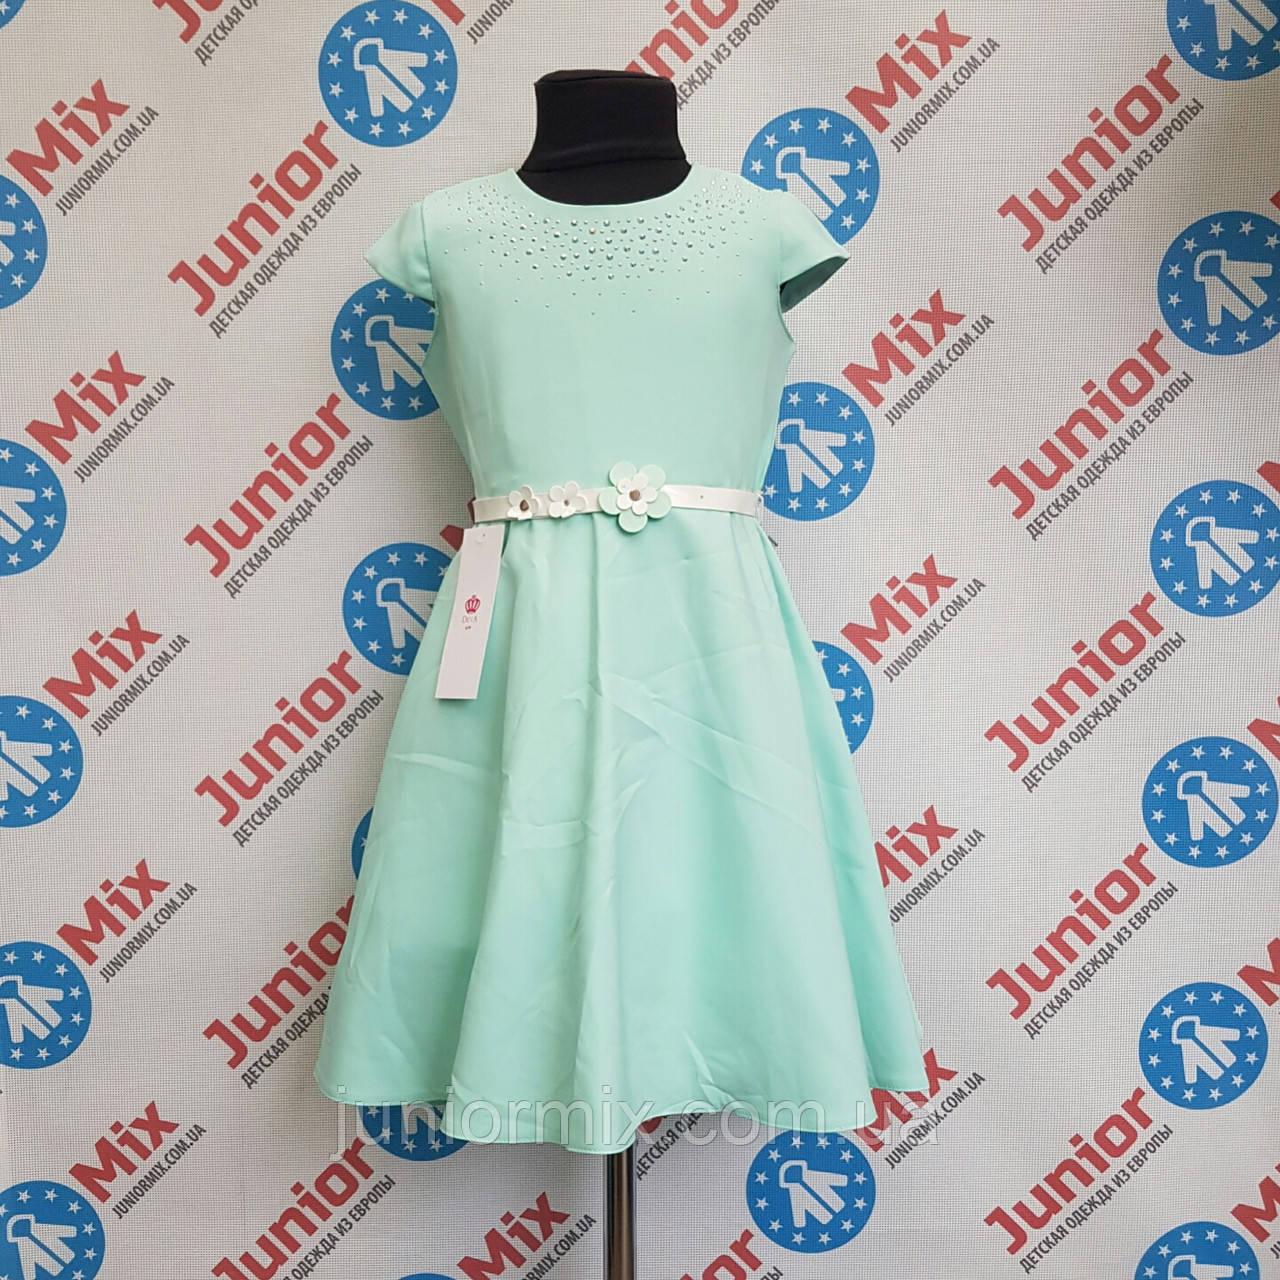 Нарядне плаття на дівчинку під пояс DEVA ПОЛЬЩА